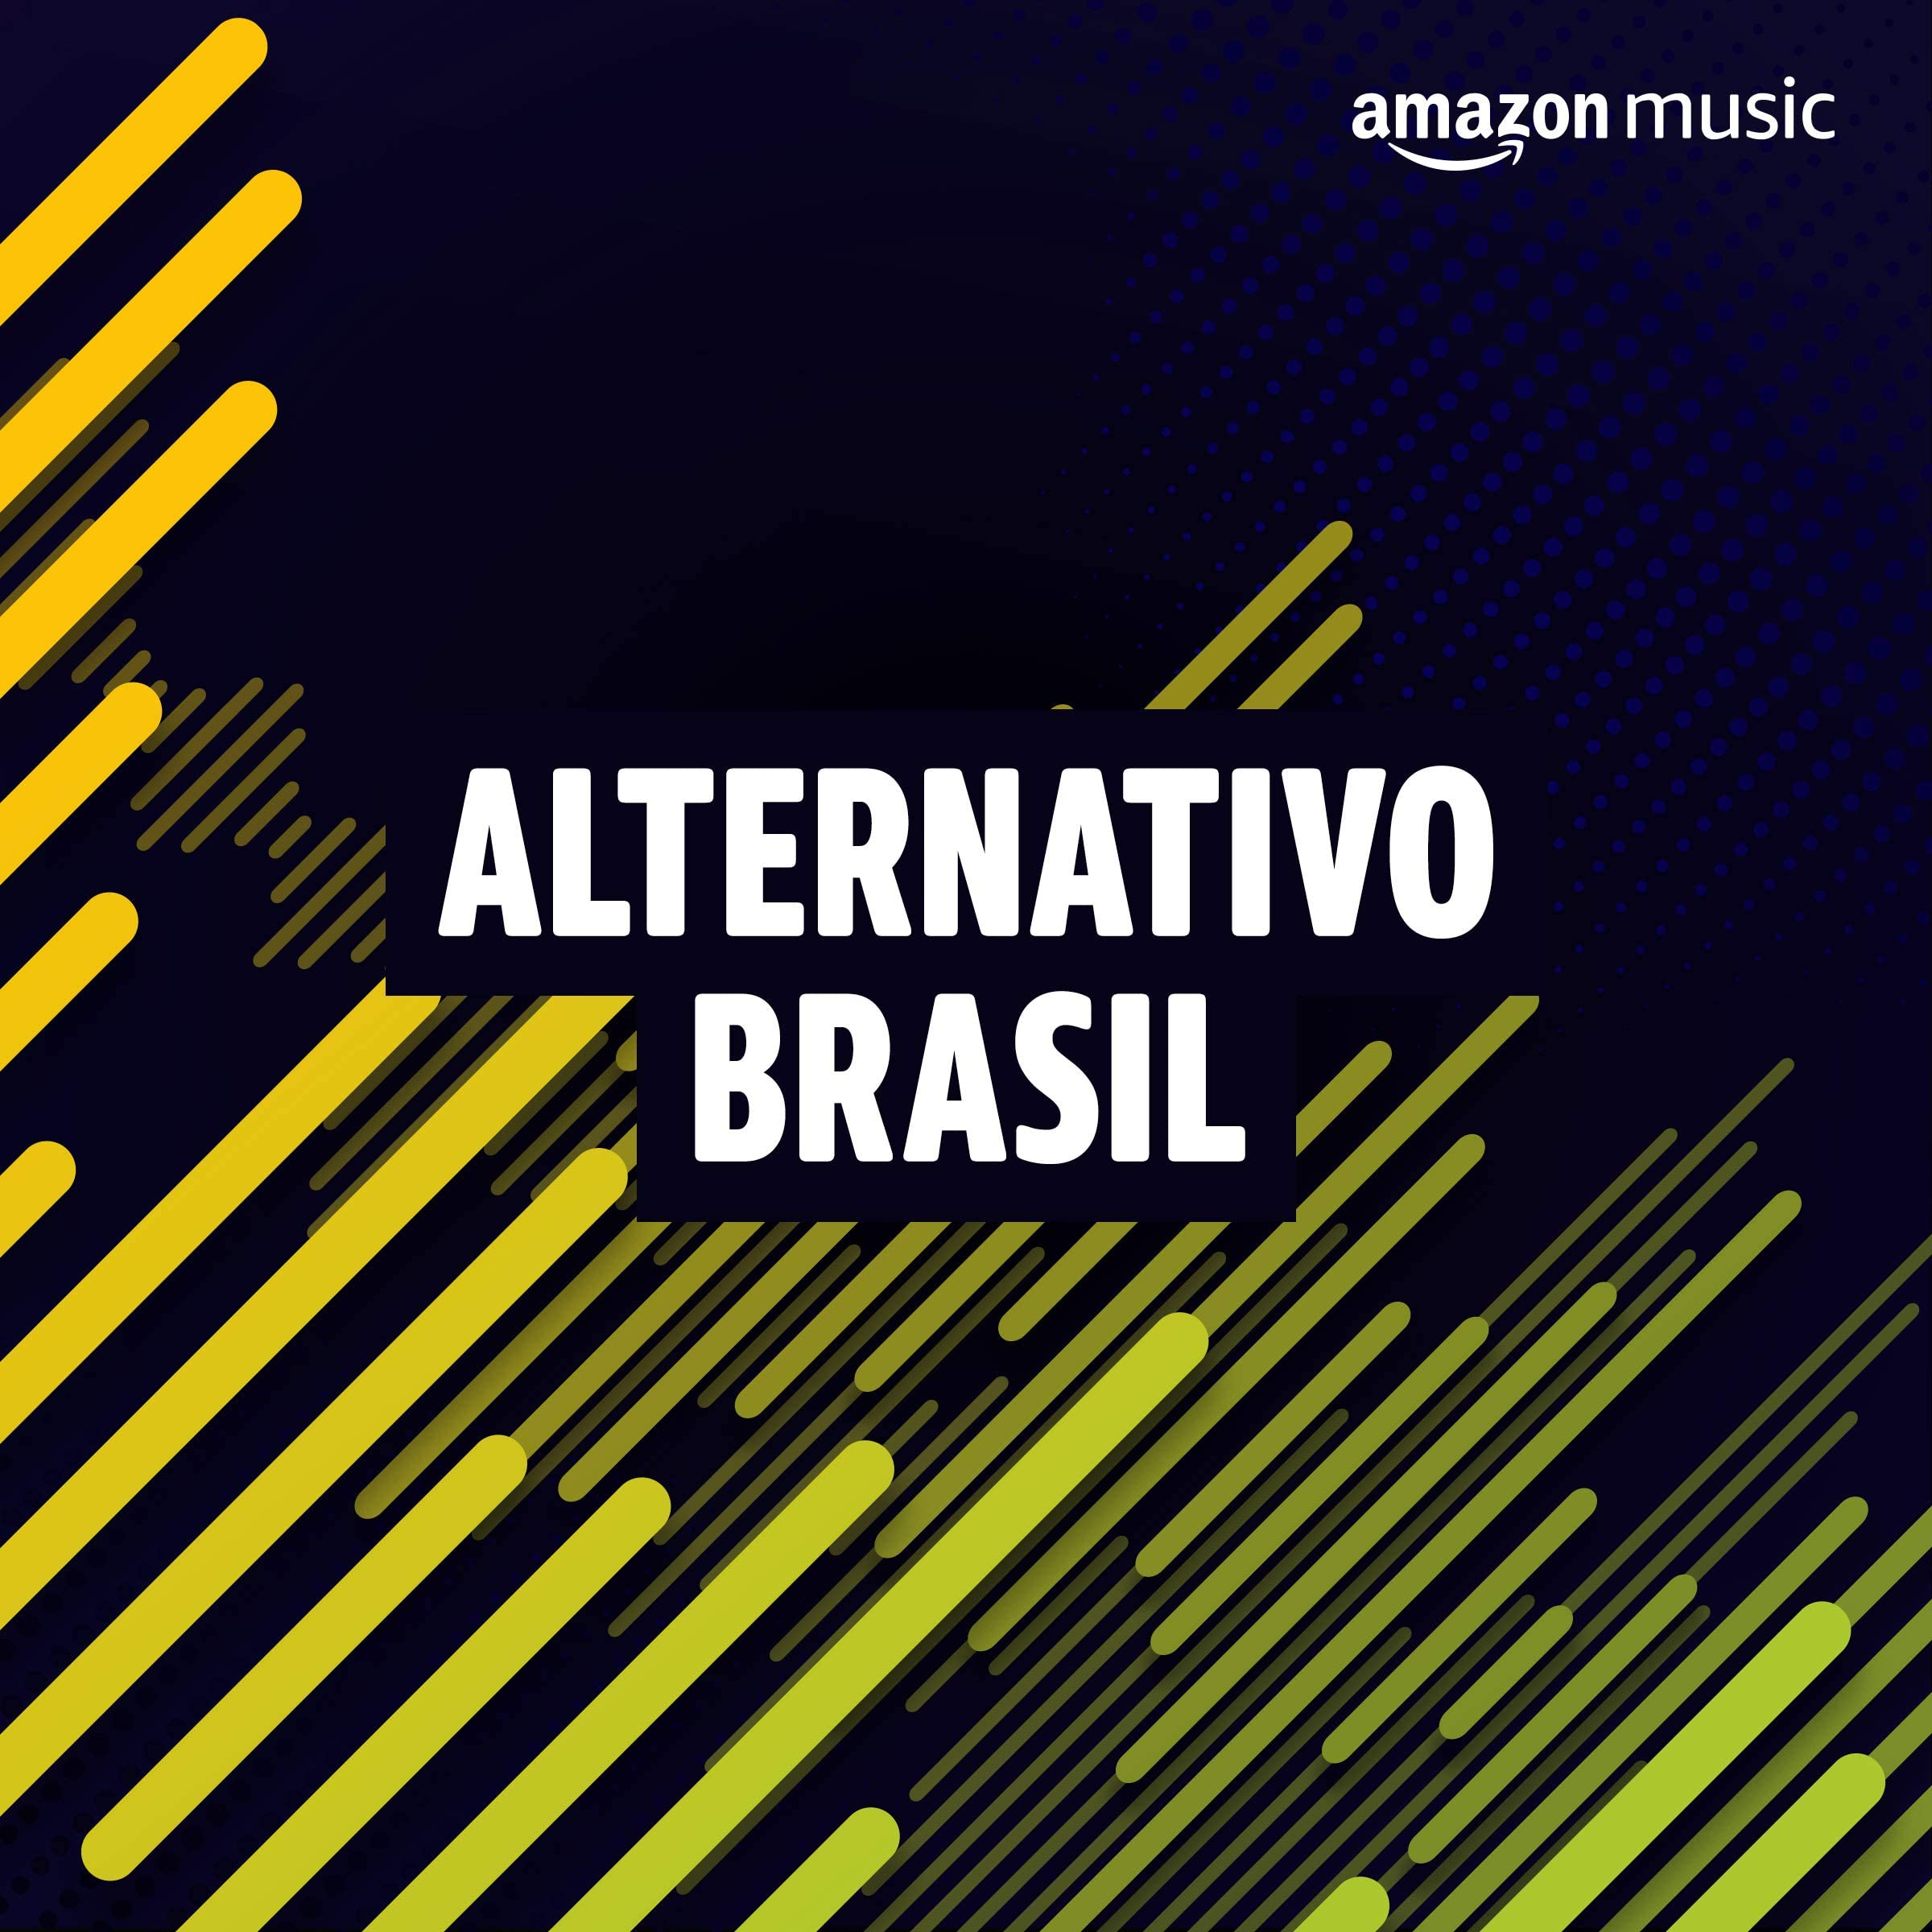 Alternativo Brasil